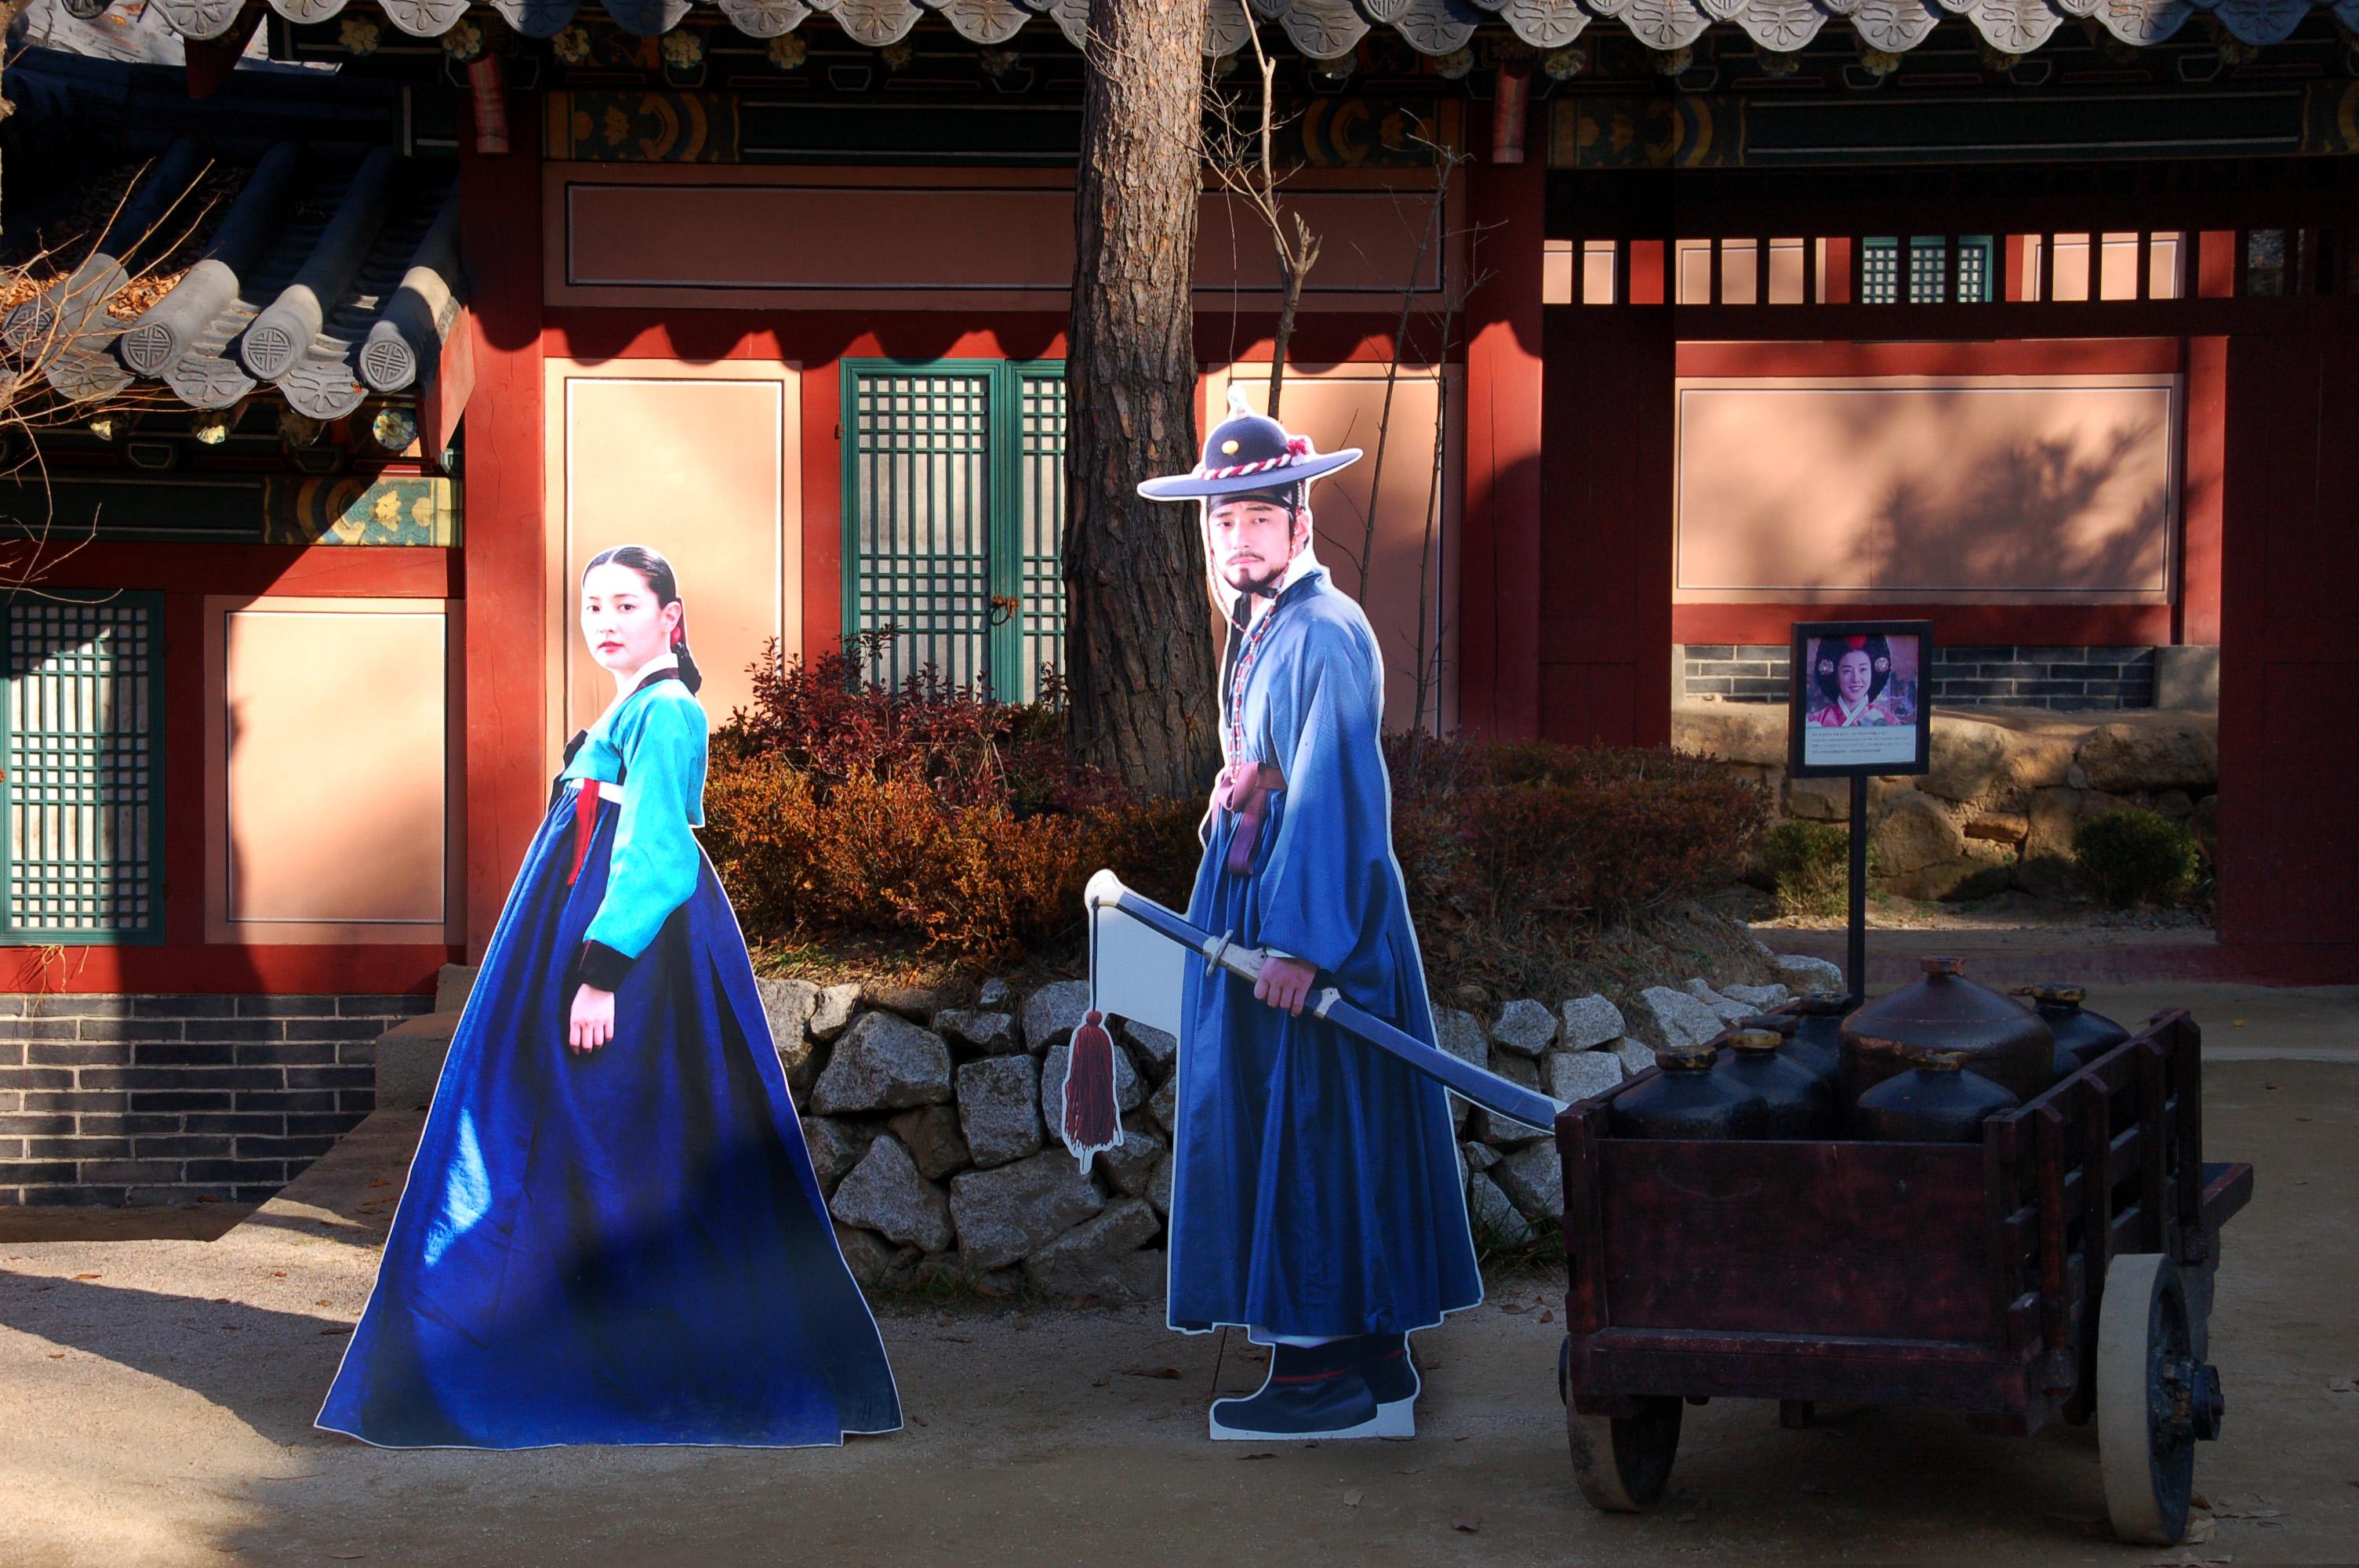 10 สถานที่น่าเที่ยวในเกาหลี -เเดงจังกึม ธีมปาร์ก